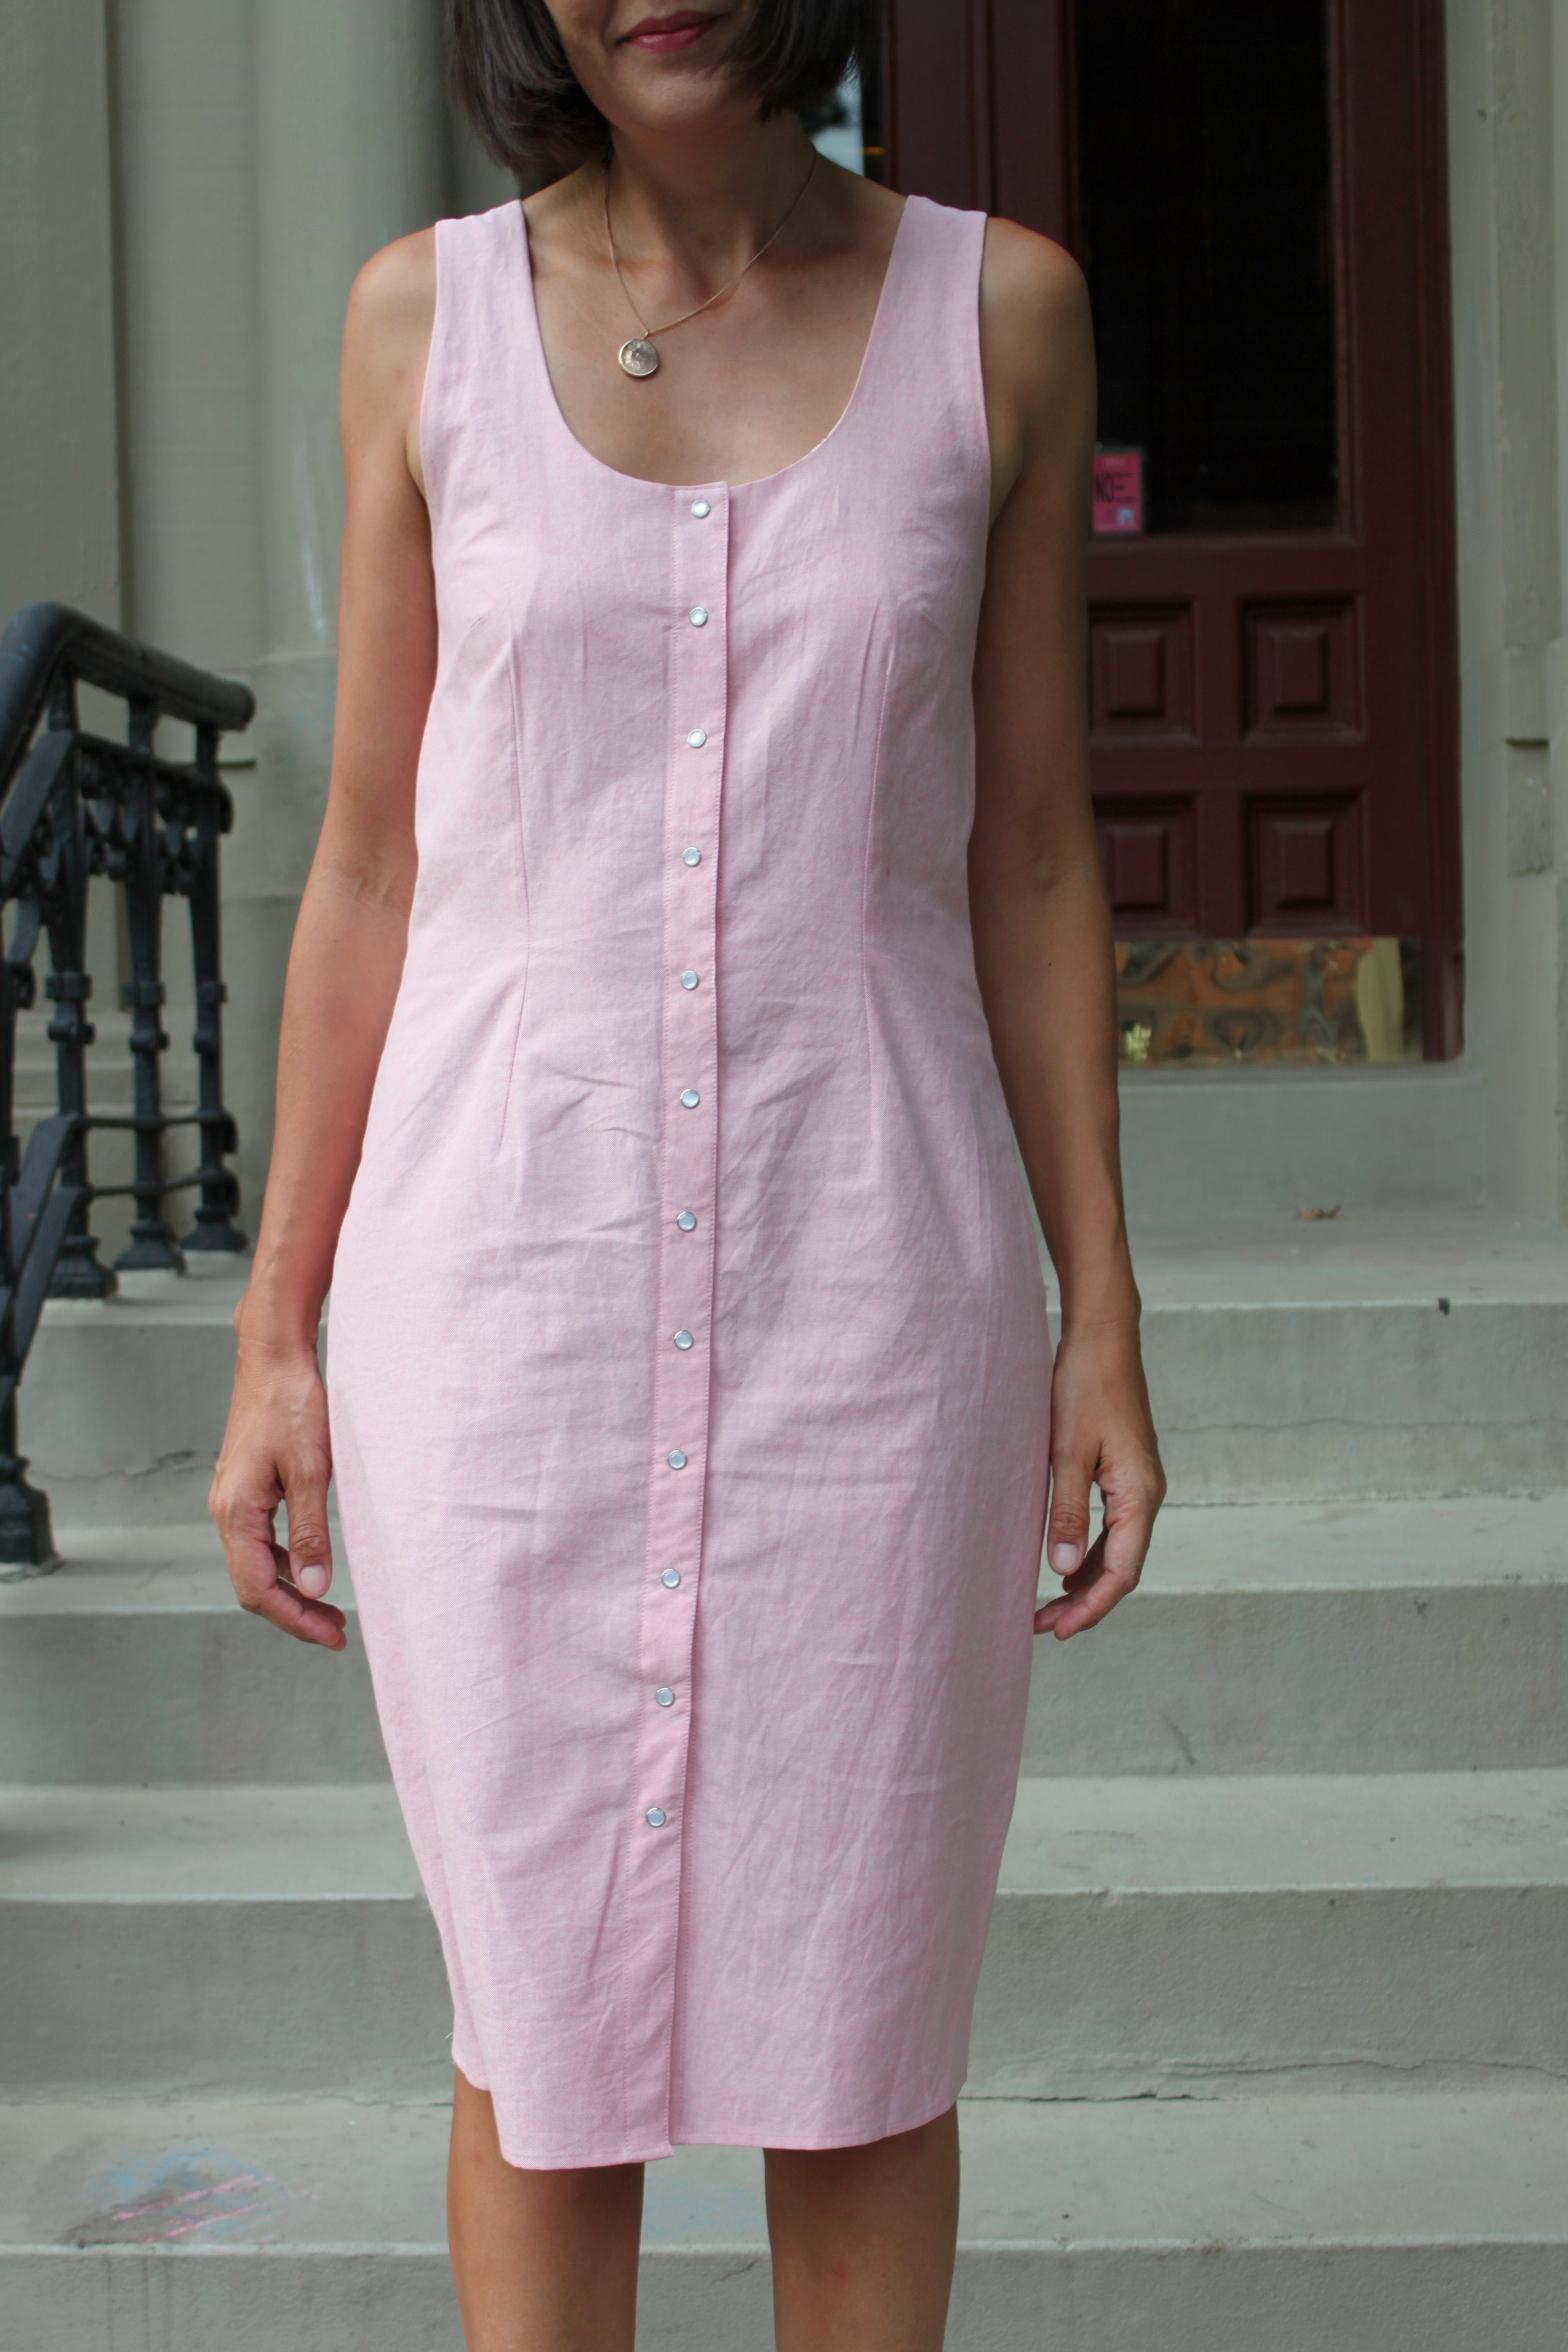 Violet dress 6